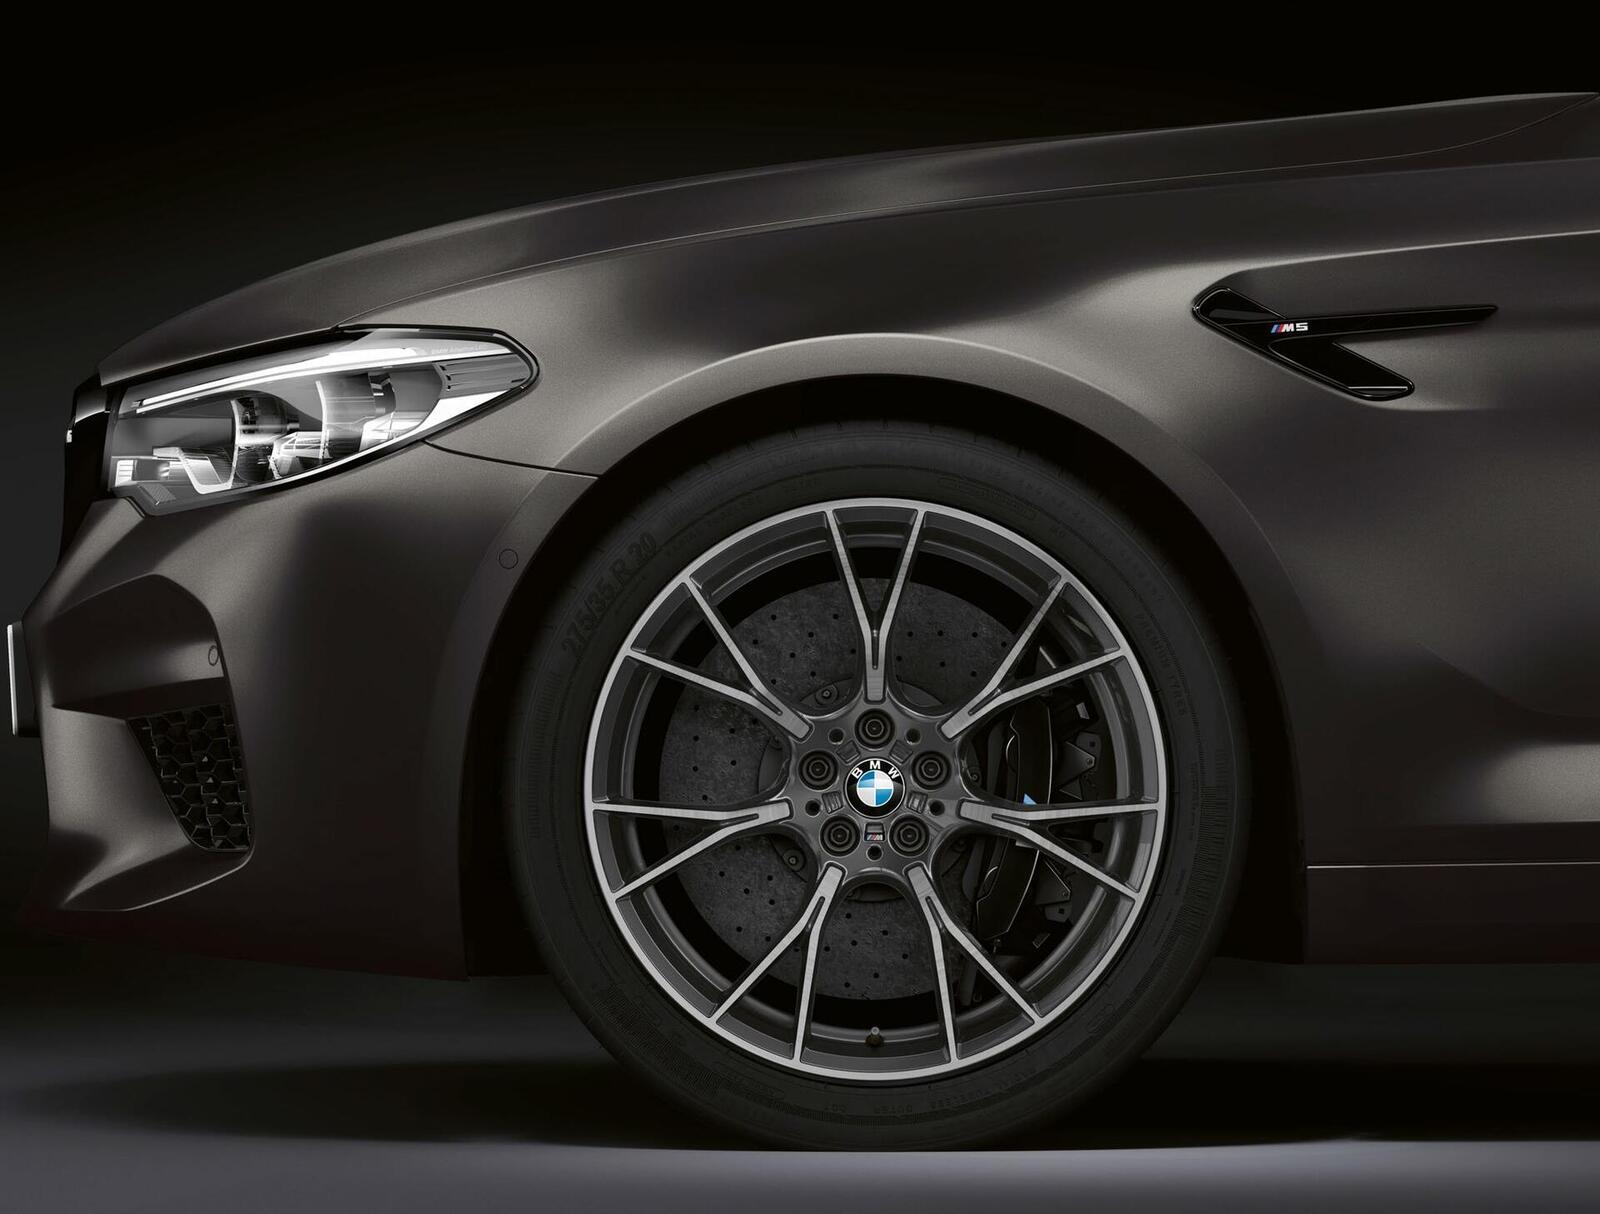 """Phiên bản đặc biệt của BMW tên M5 """"Edition 35 Jahre"""" được sản xuất giới hạn chỉ 350 chiếc - Hình 4"""